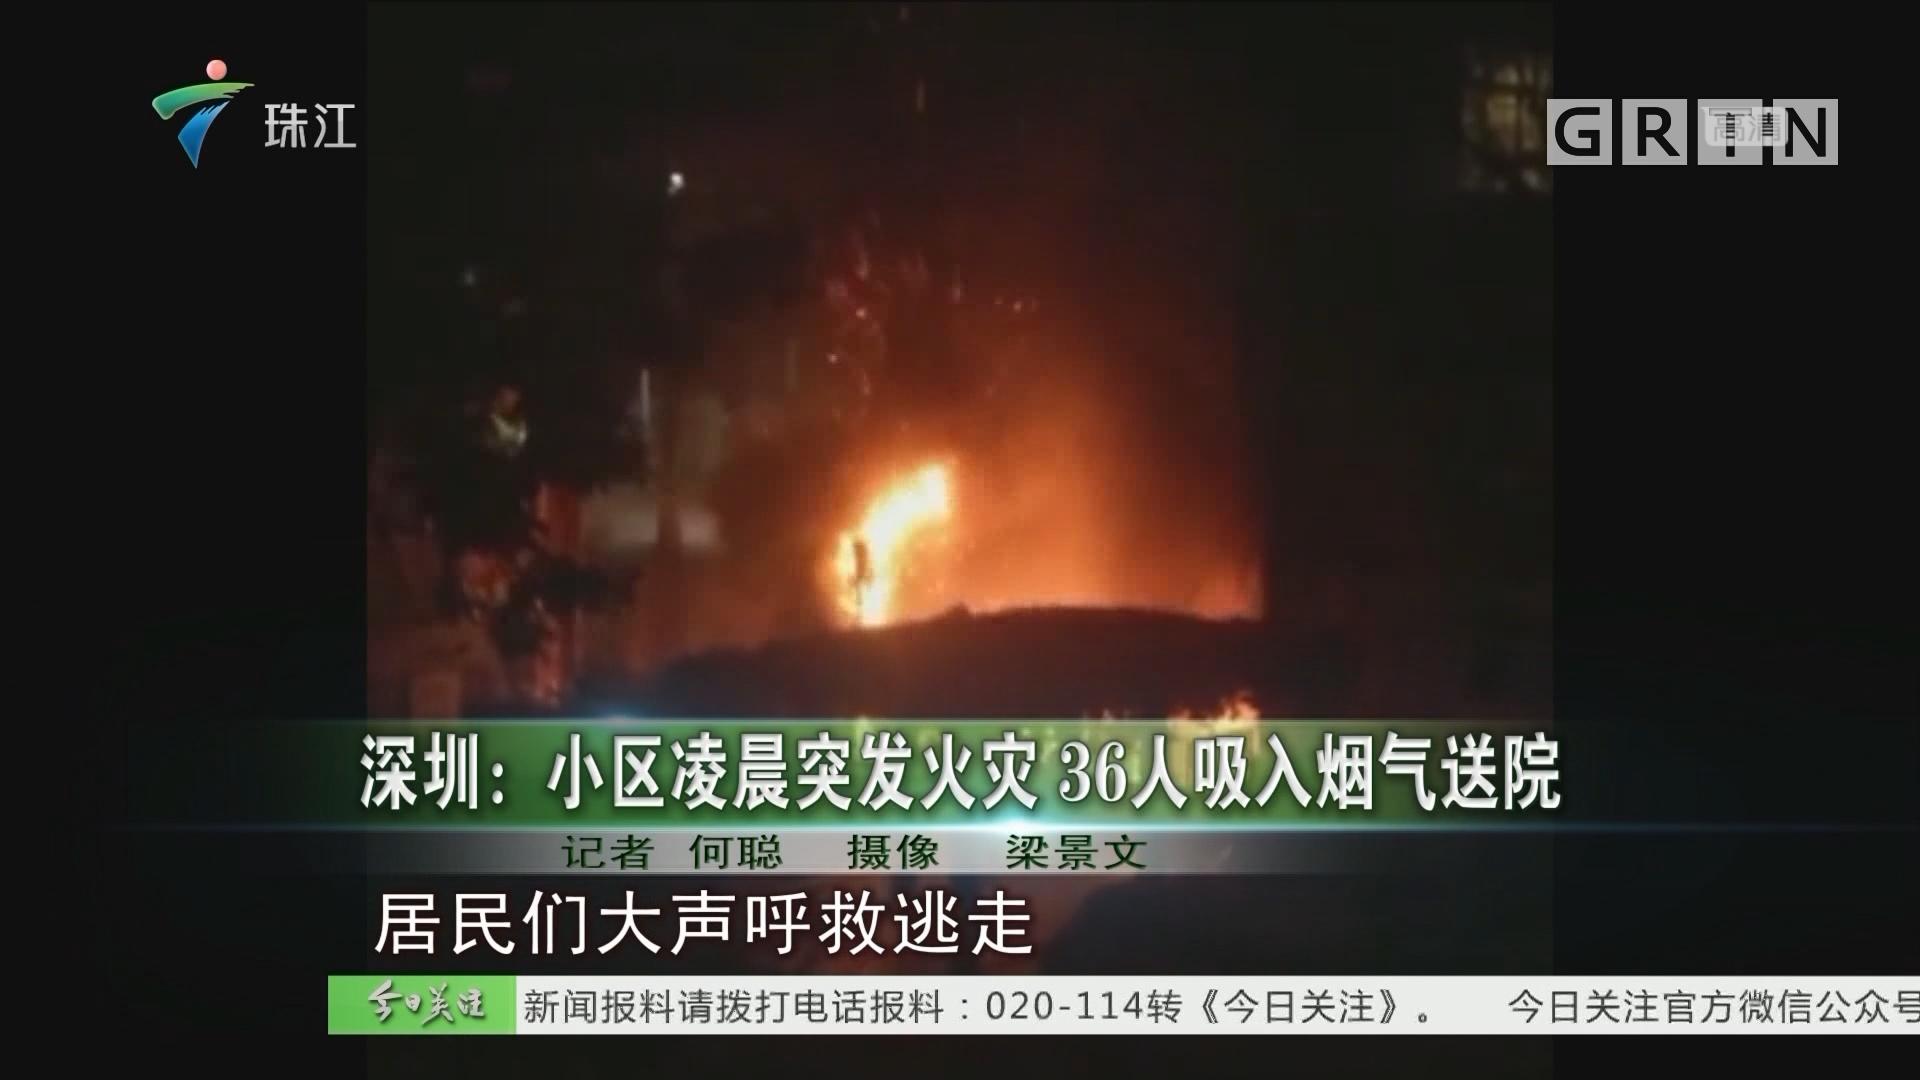 深圳:小区凌晨突发火灾 36人吸入烟气送院